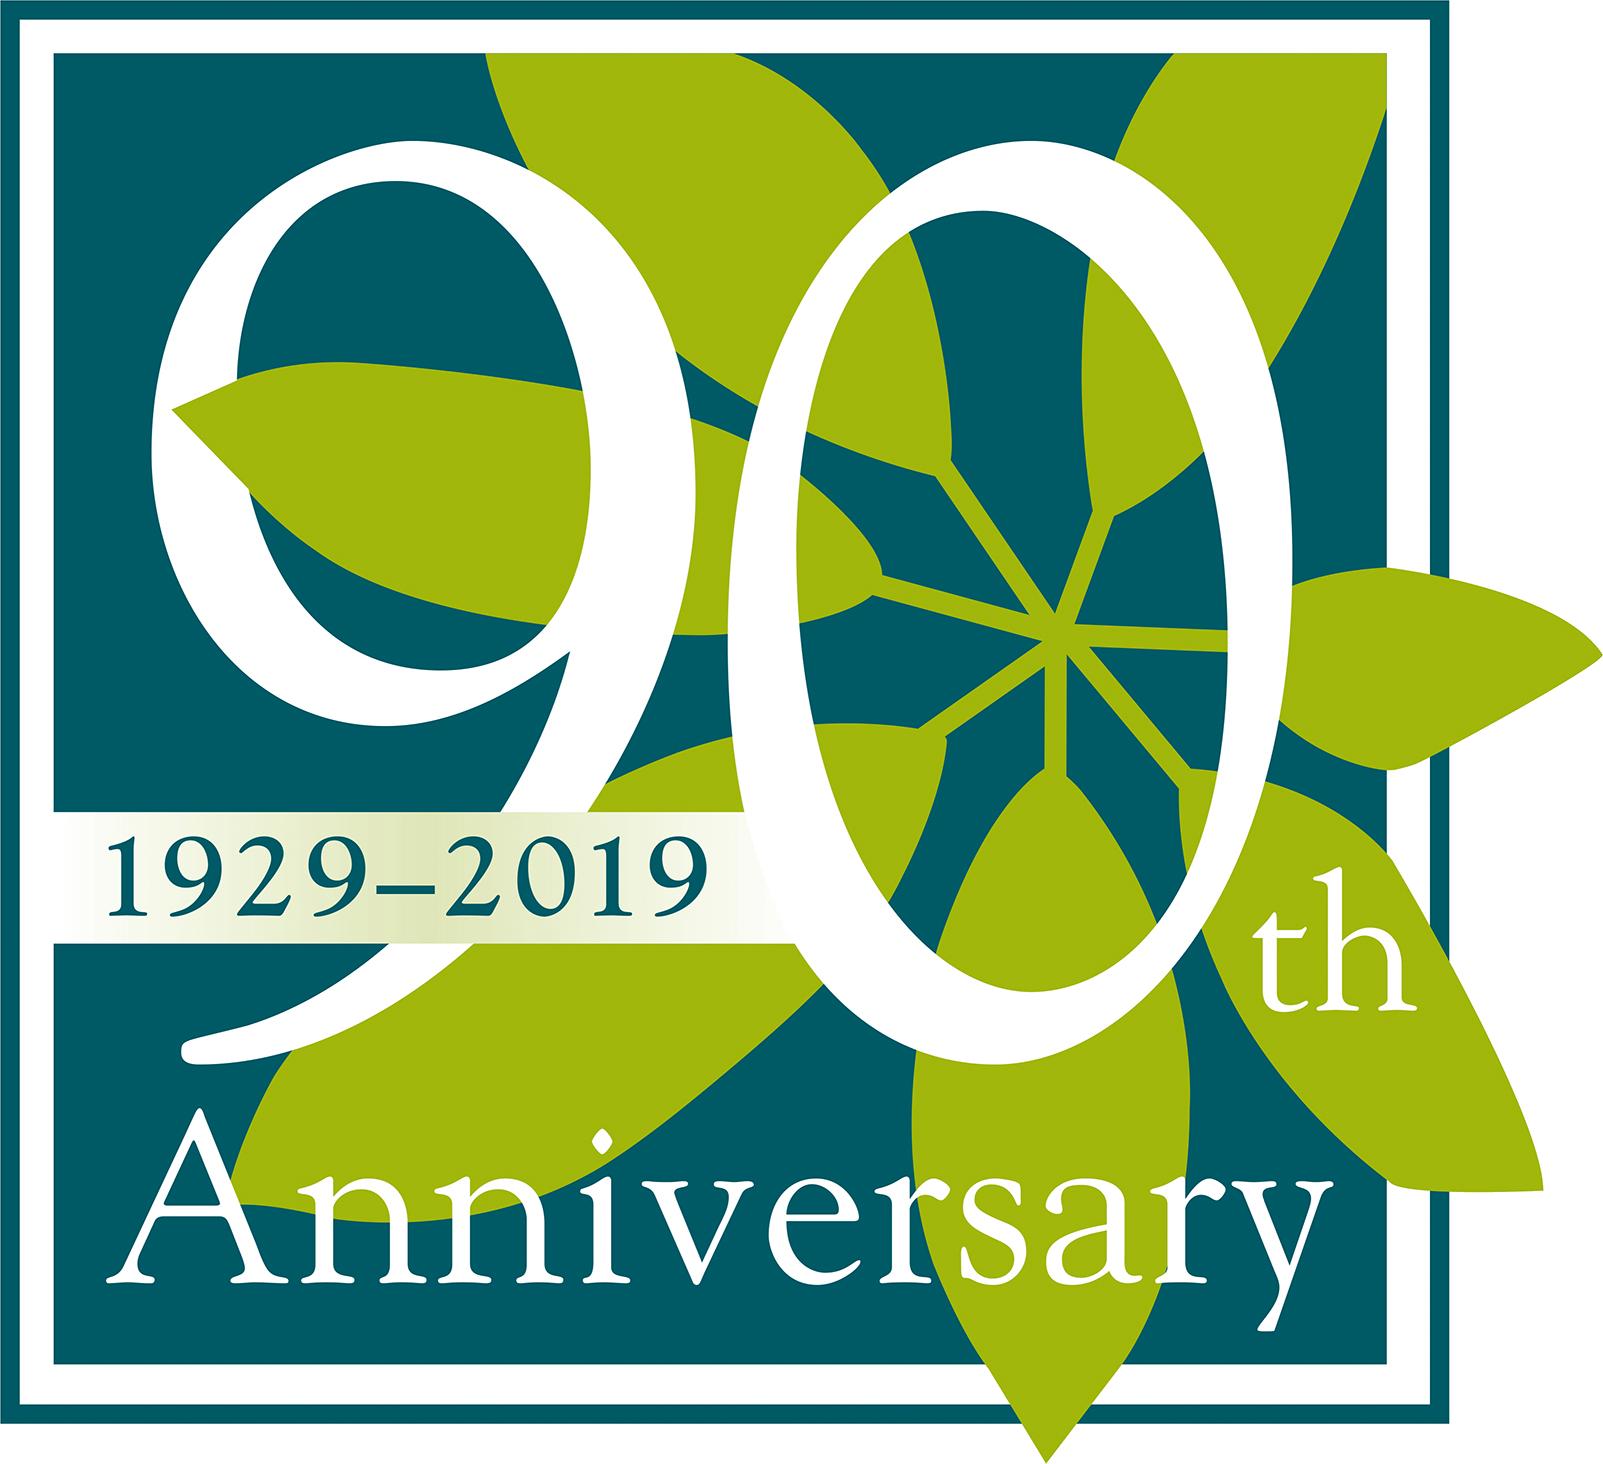 Scott Arboretum 90 Year Anniversary Logo